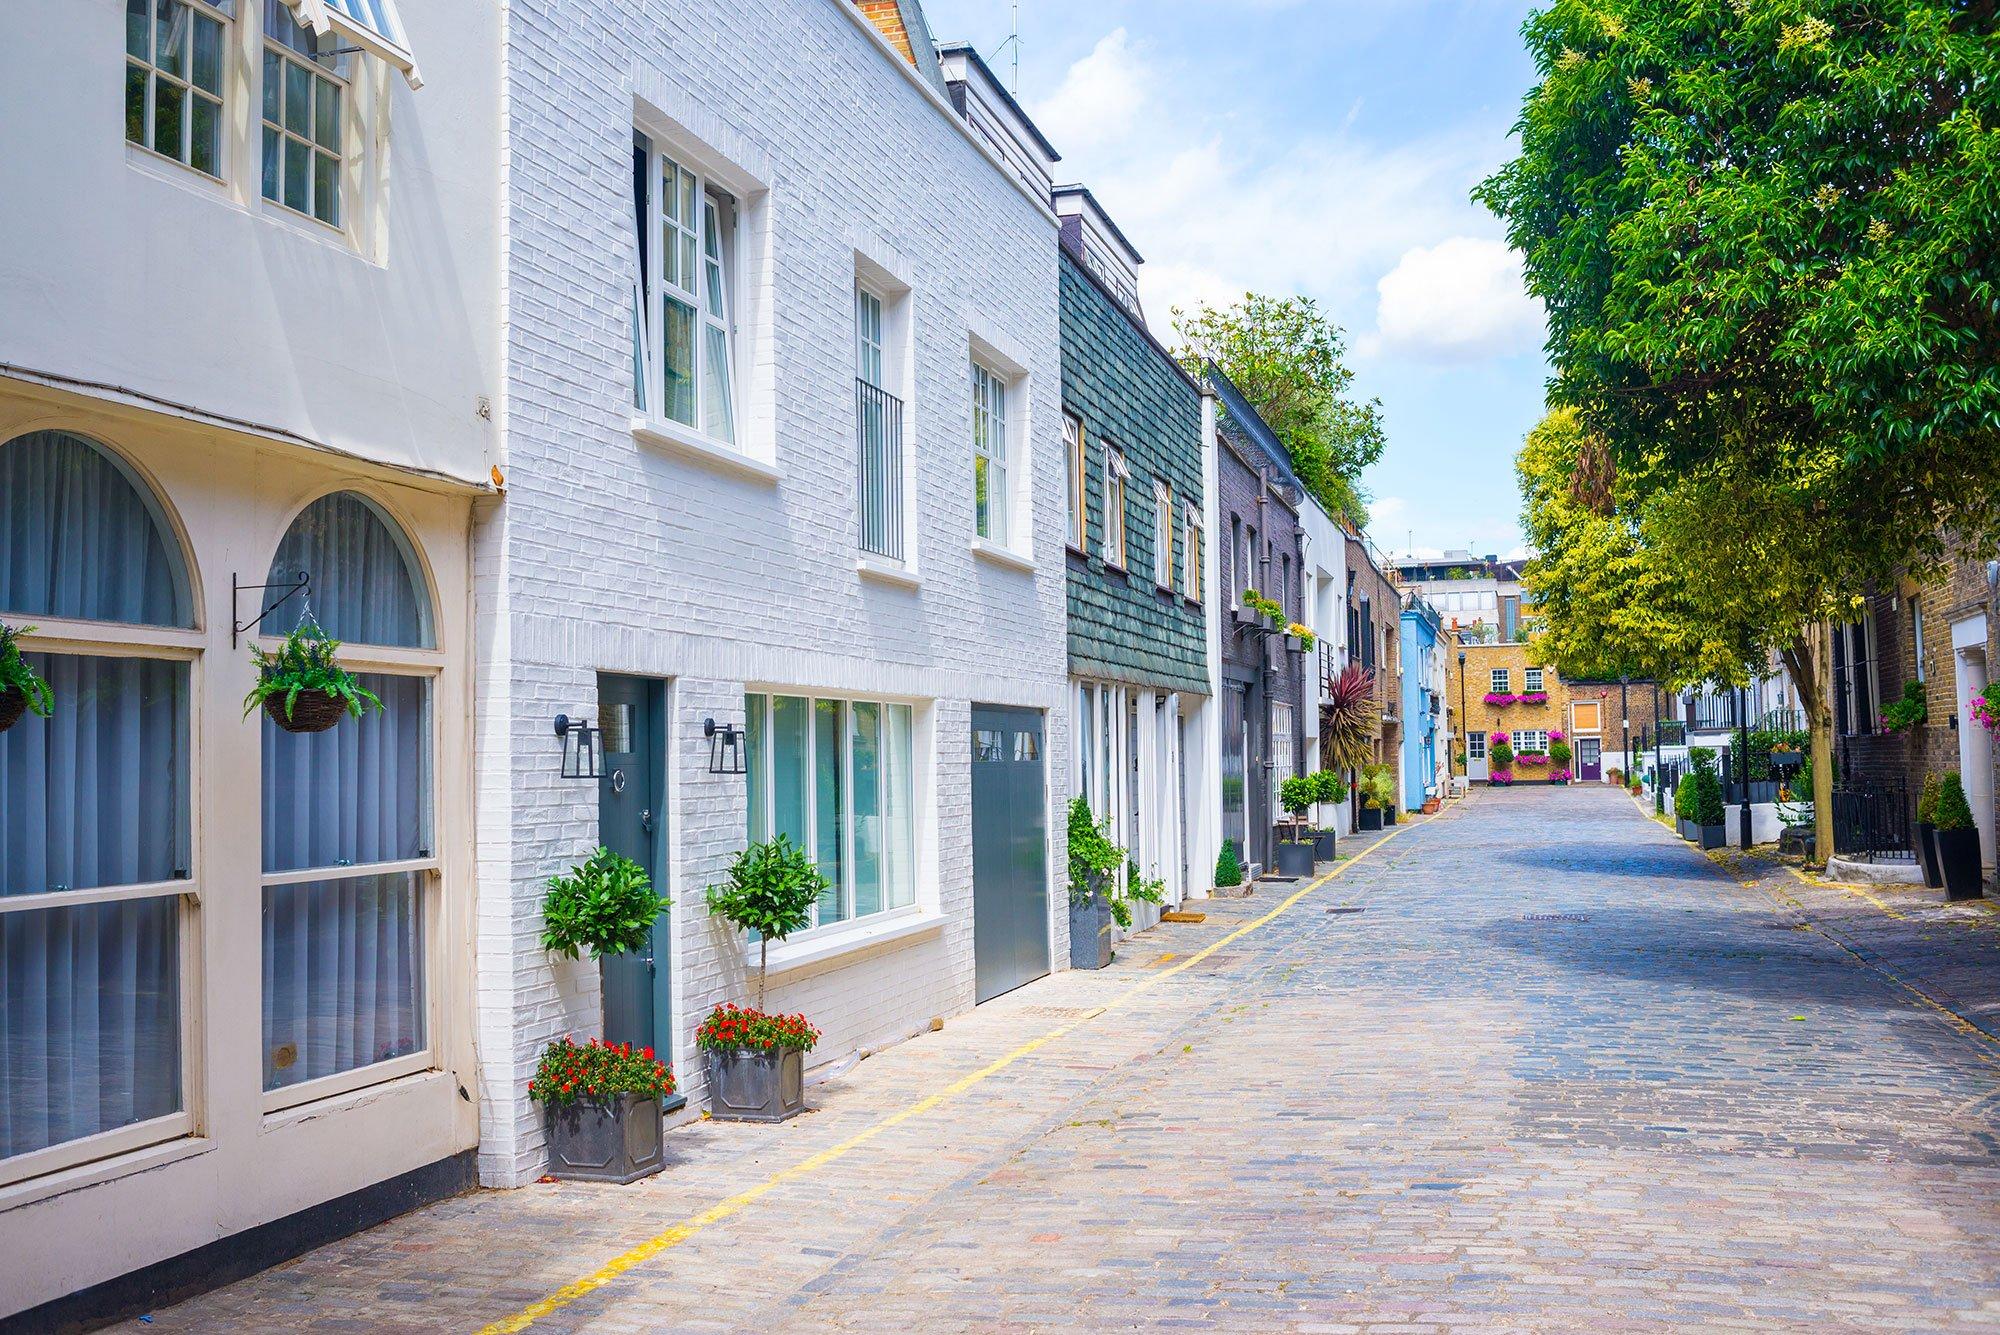 Mews houses in London